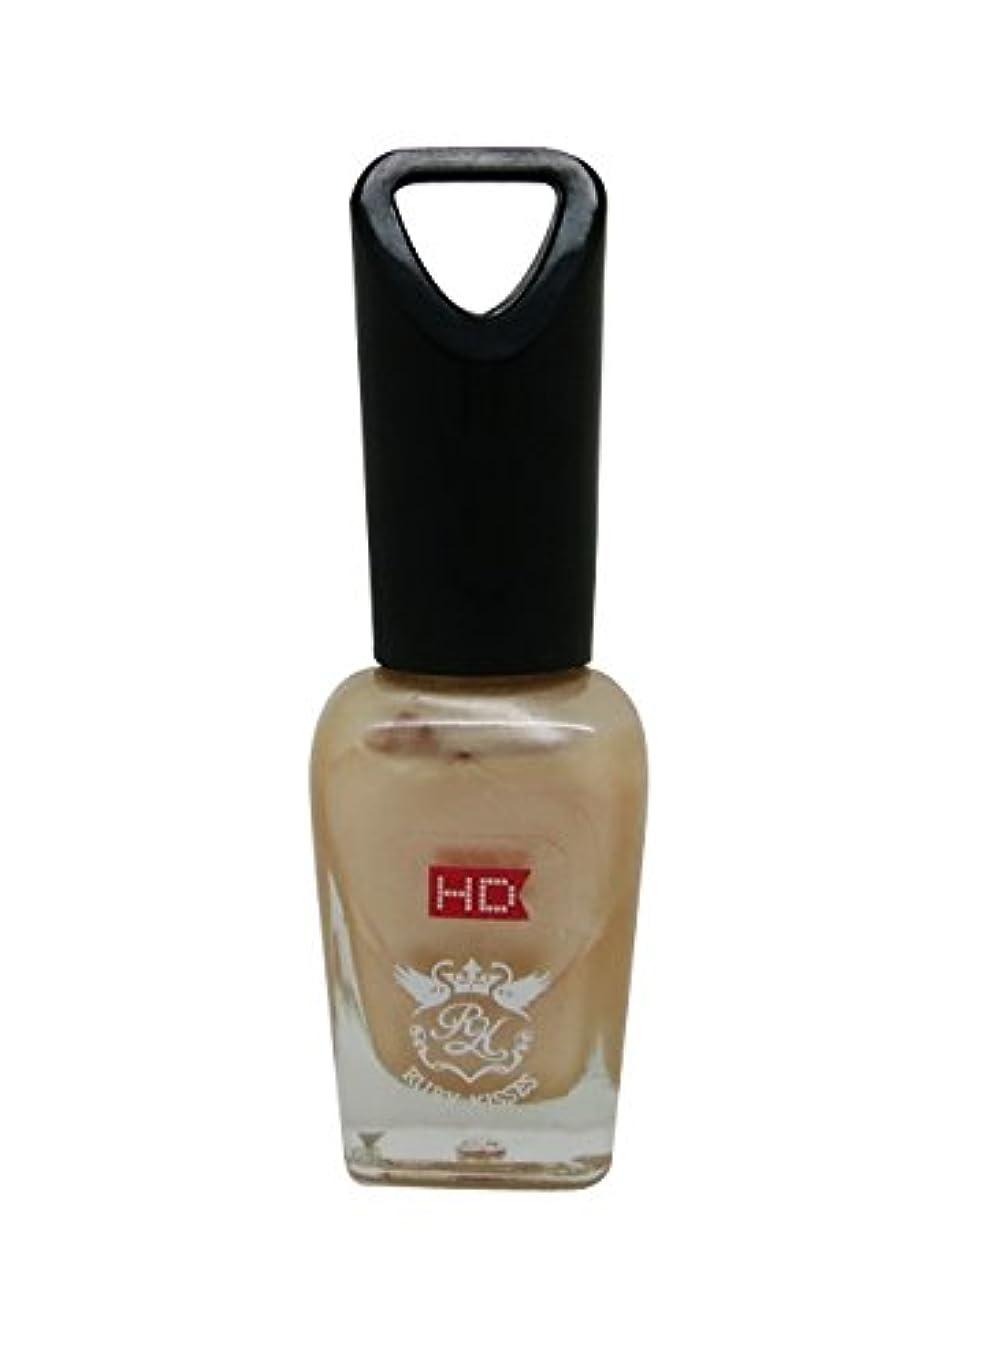 舌な汚物衣類RUBY KISSES mini HD ネイル ポリッシュ MNP315J Pearl Peach 8ml